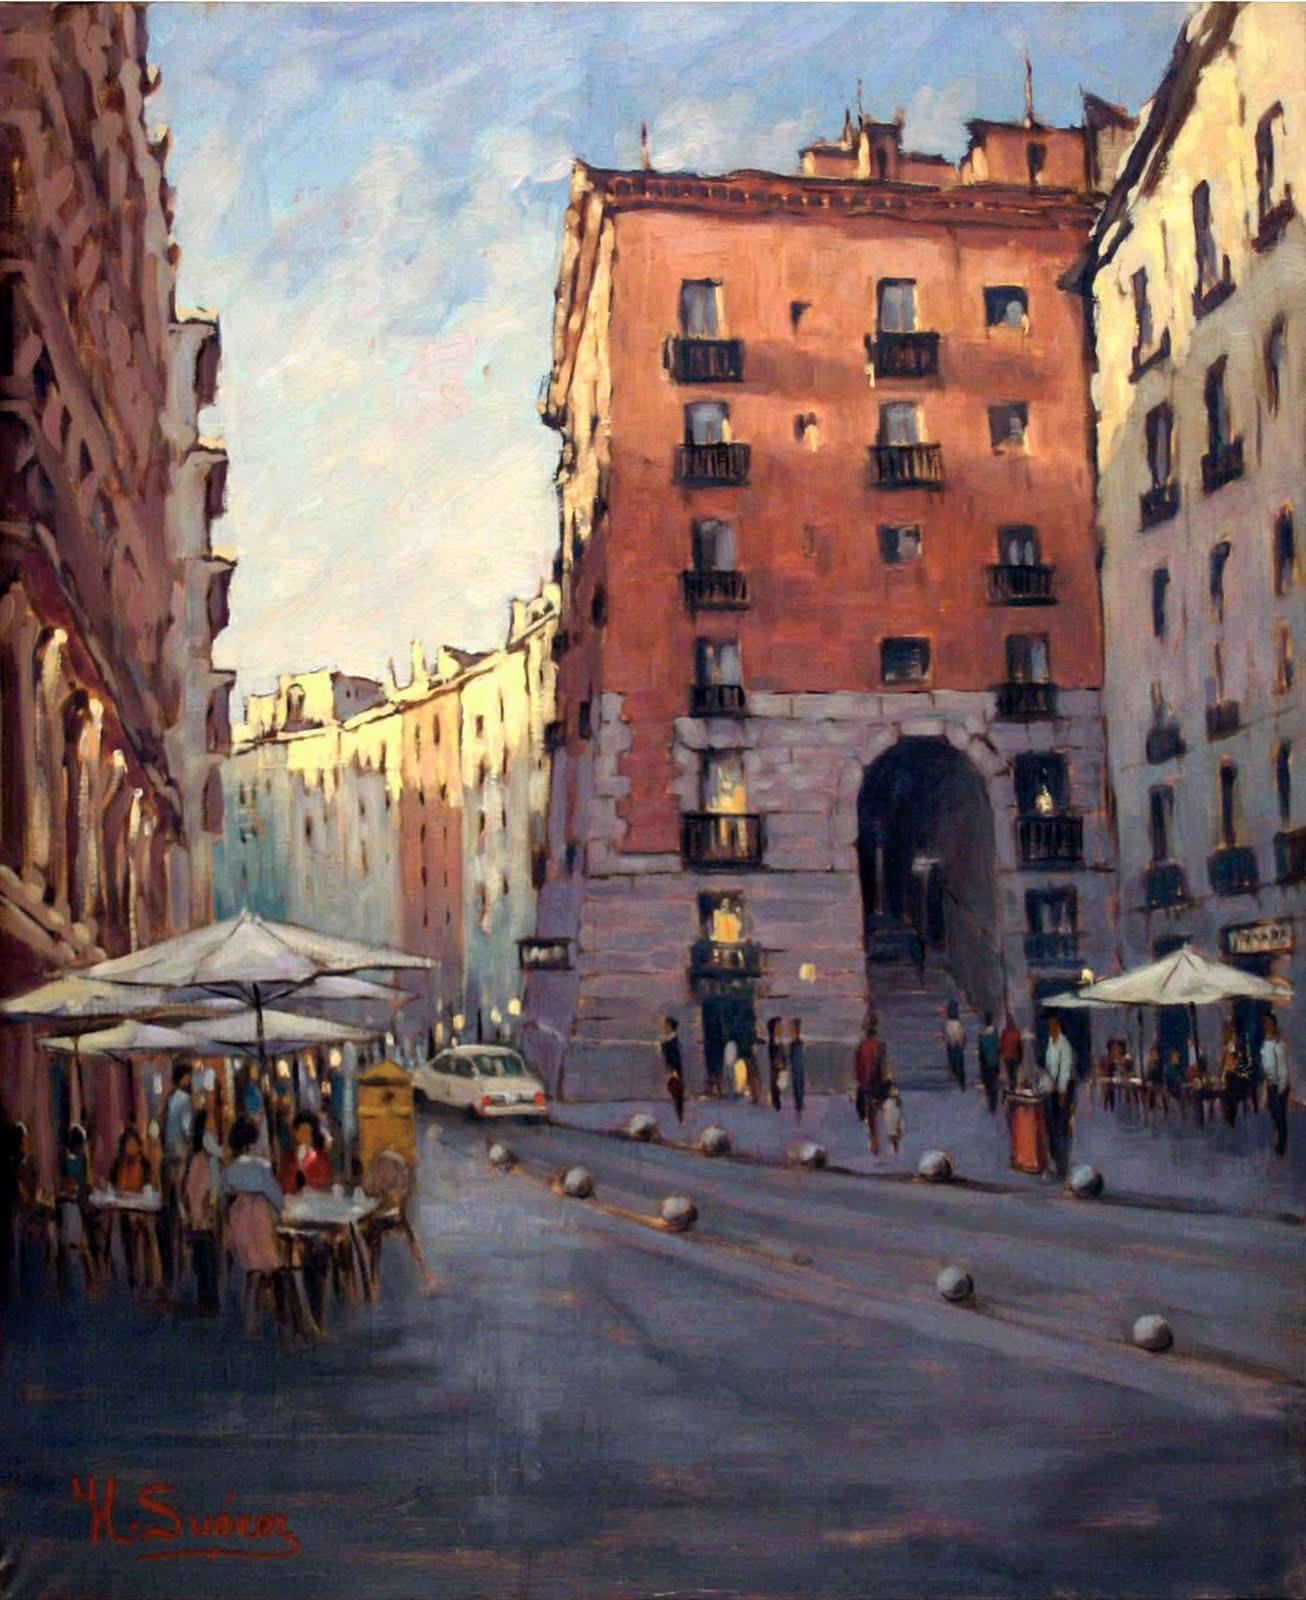 Galeria Pinturas De Arte: GALERIA-JLSUAREZ: MADRID-CUCHILLEROS-PAISAJES-PINTURAS